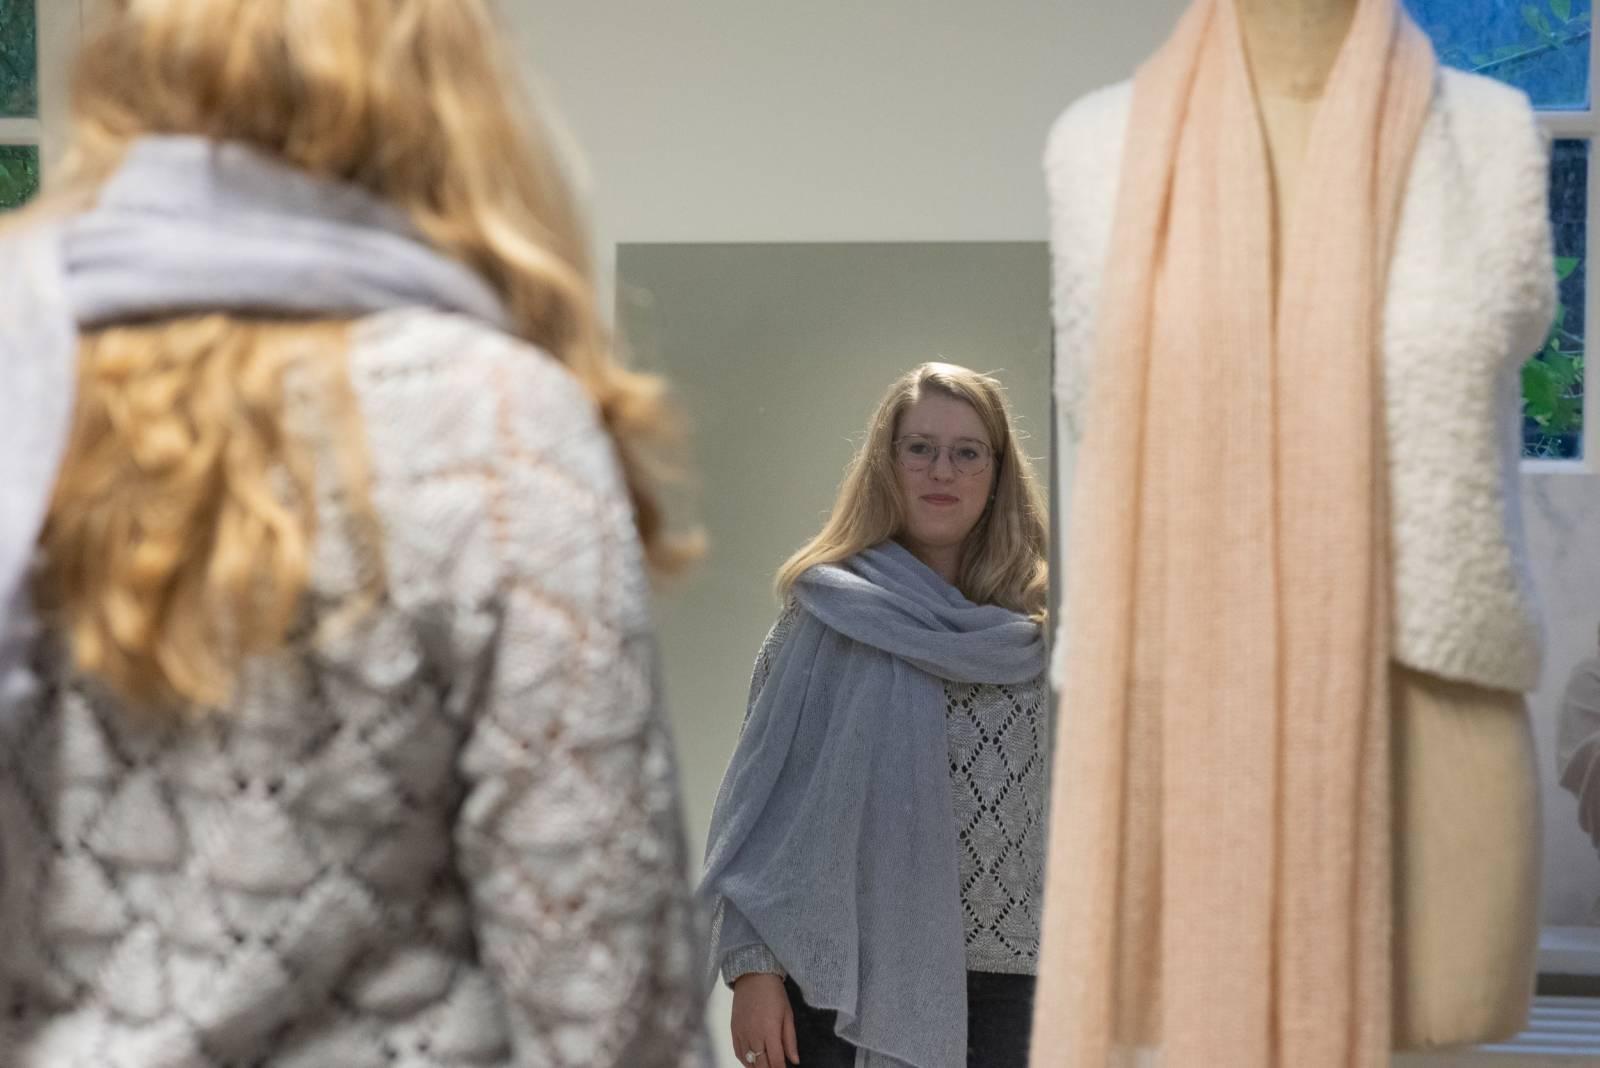 Lotte Van Huyck - Bridal Knitwear - Sjaals - Bridal workshop - Vrijgezellen activiteit - House of Weddings - 35